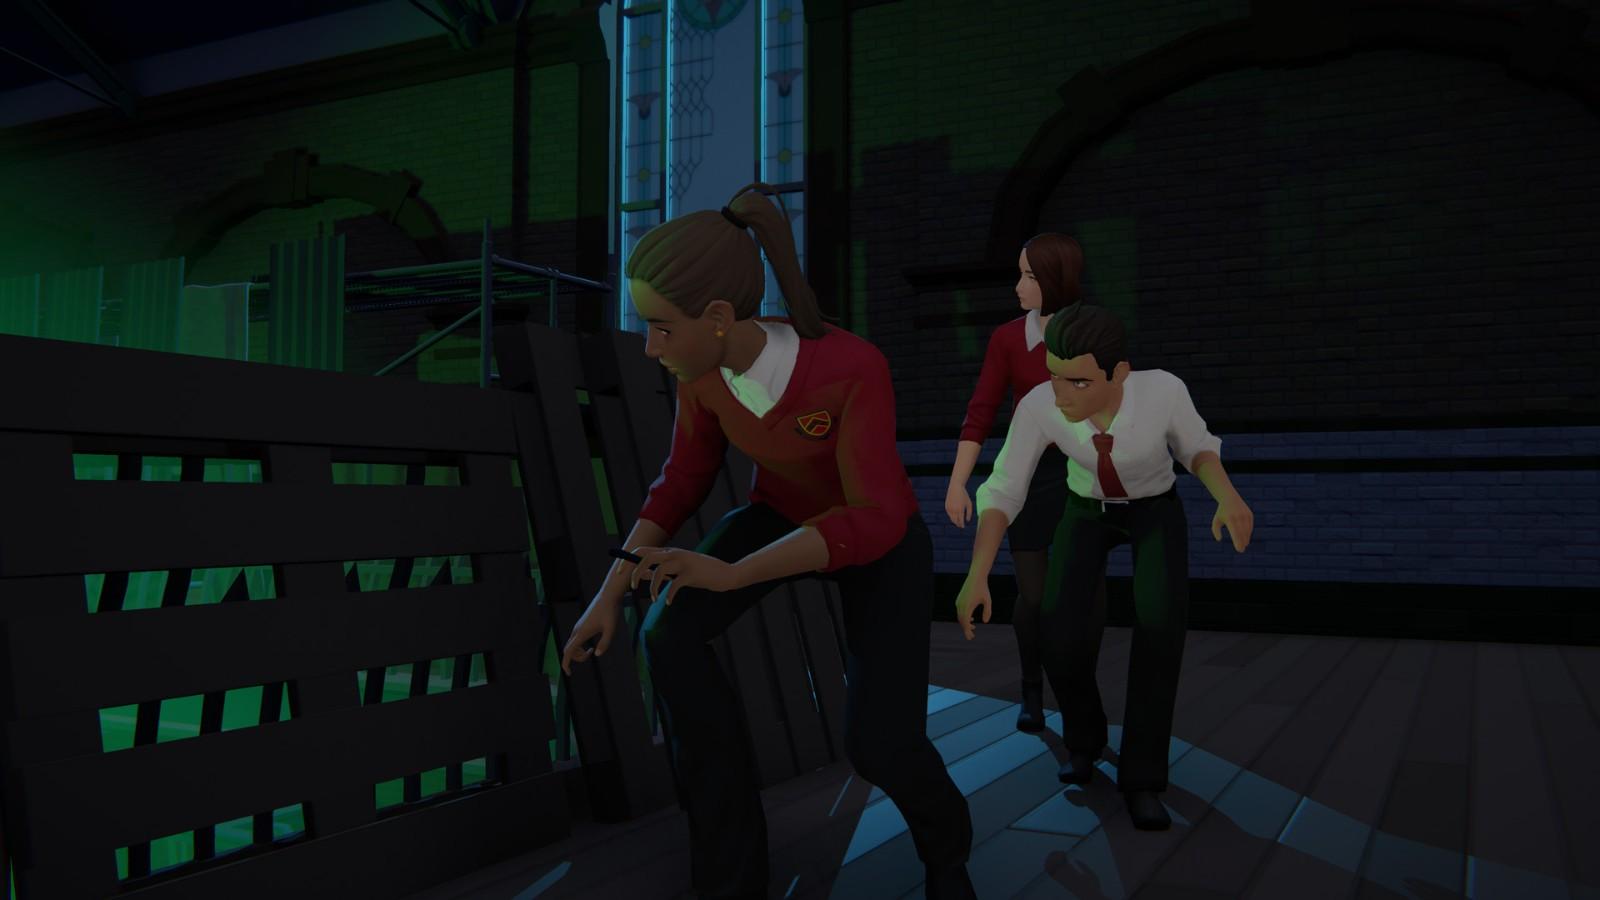 伦敦背景叙事游戏《终点站》确定7月22日发售